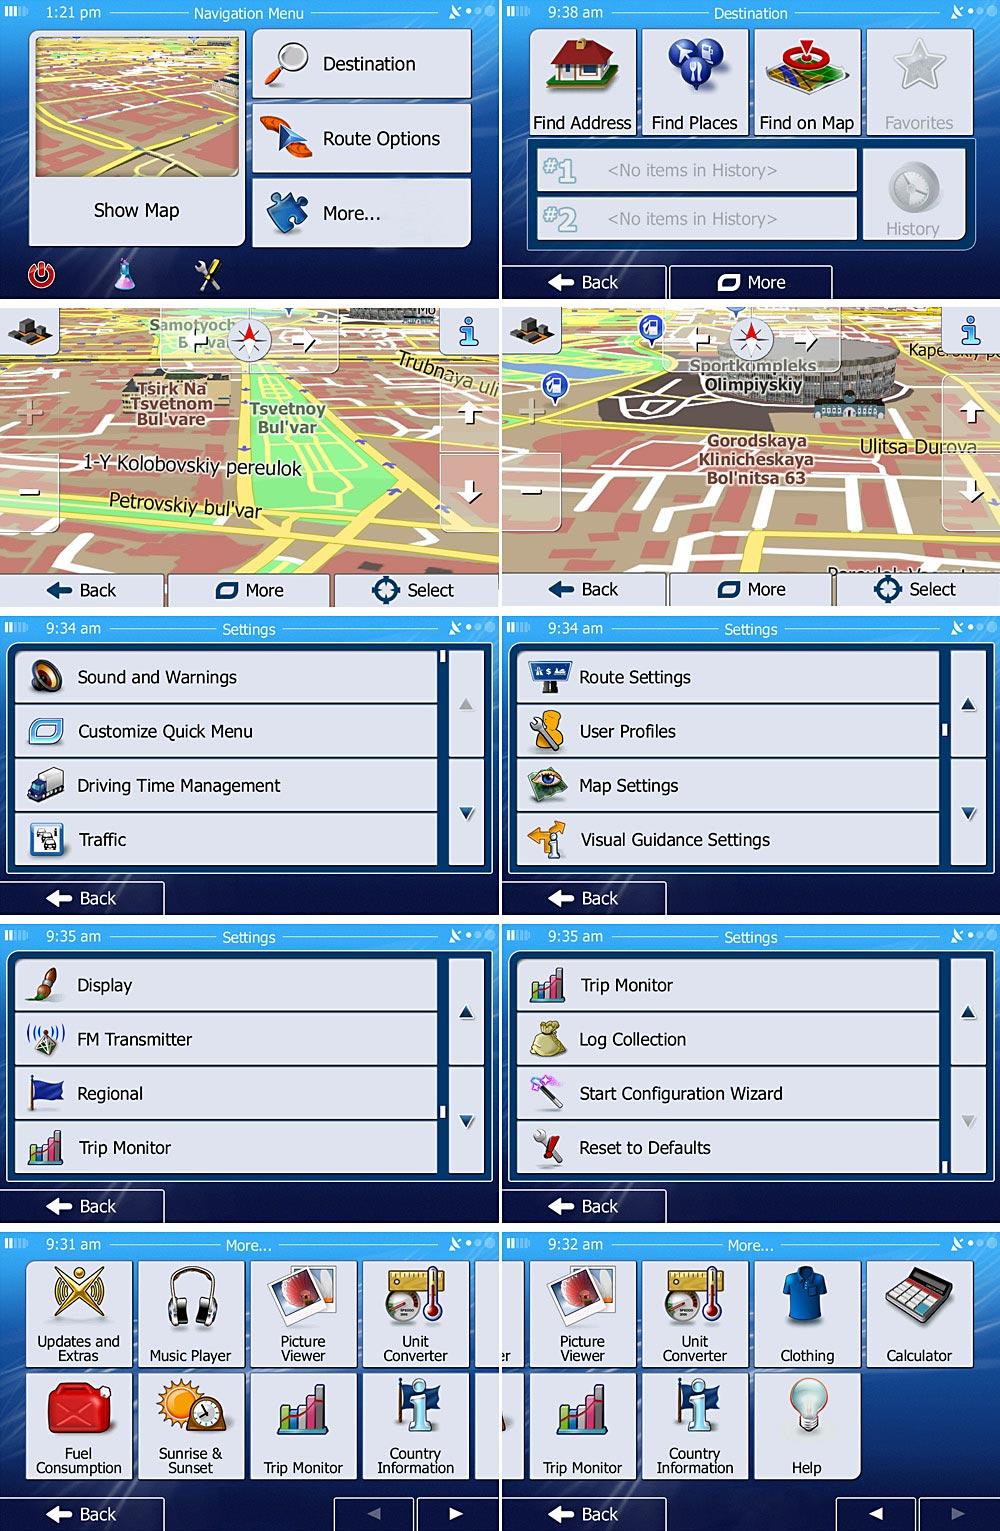 Купить ГОРЯЧИЕ ПРОДАЖИ 7 дюймов Автомобилей Gps-навигация Емкостный Экран WinCE 6.0 Автомобильный GPS Навигатор Навигация мультимедийный Плеер с бесплатные Карты